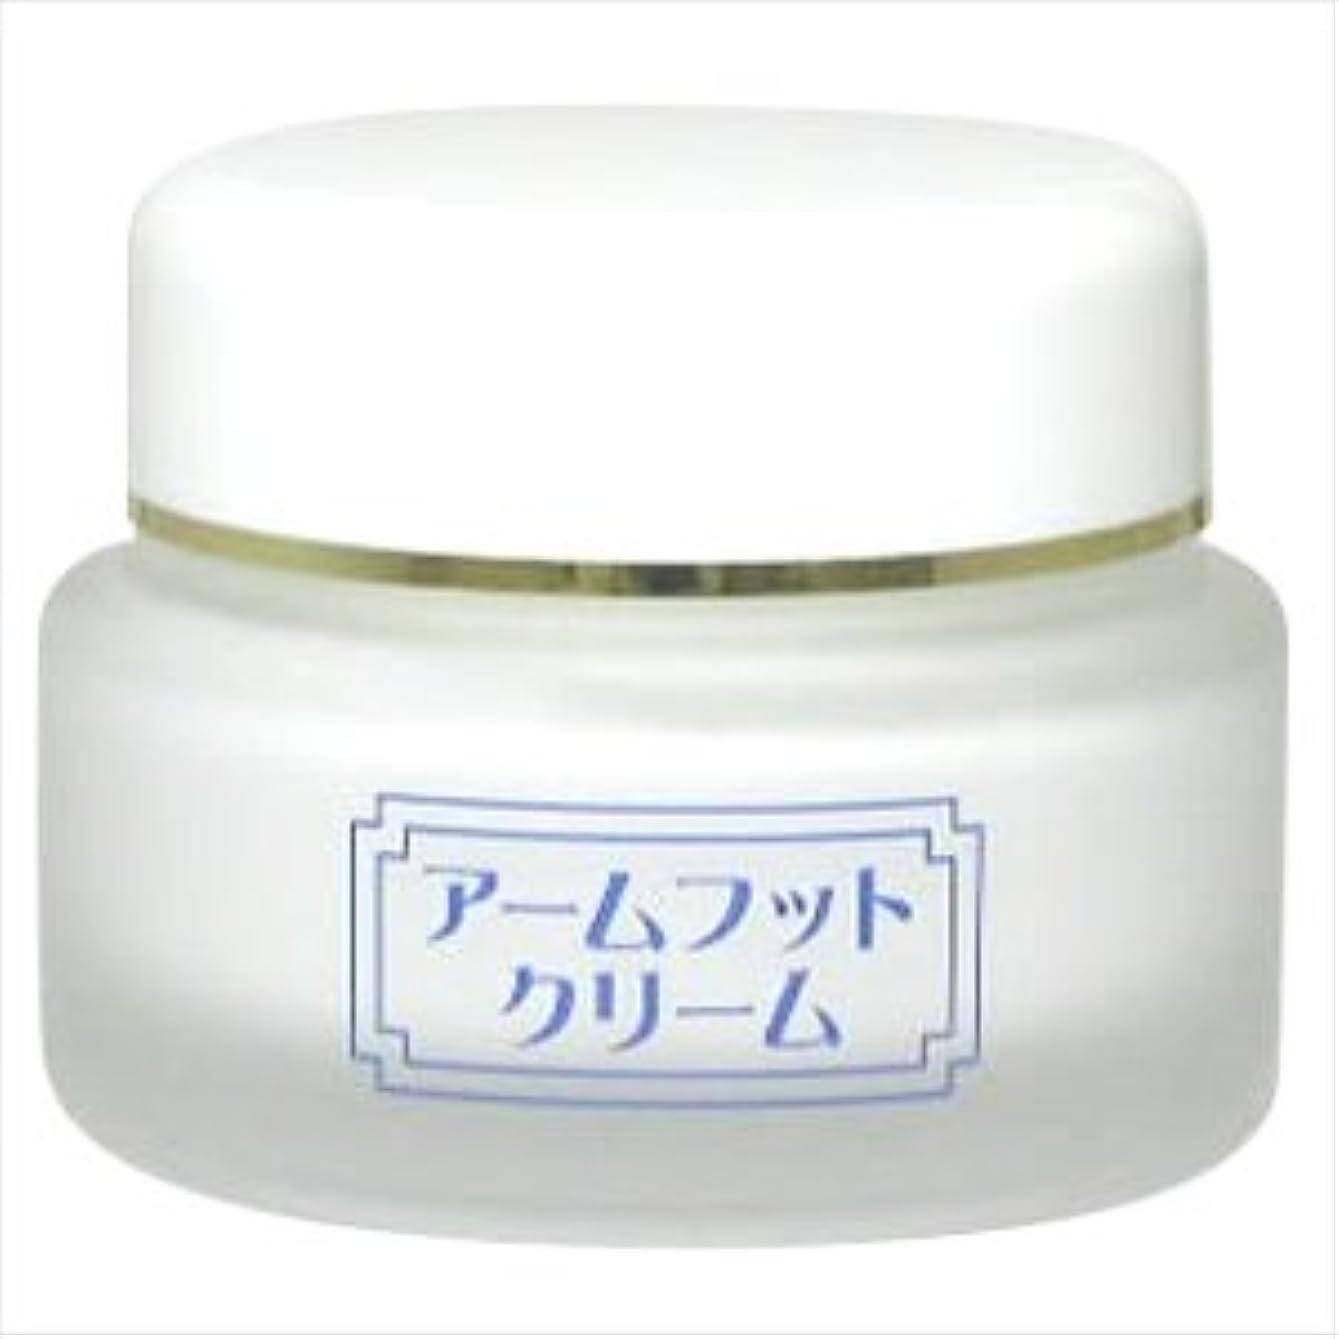 マントル告発極小薬用デオドラントクリーム アームフットクリーム(20g) (1個)